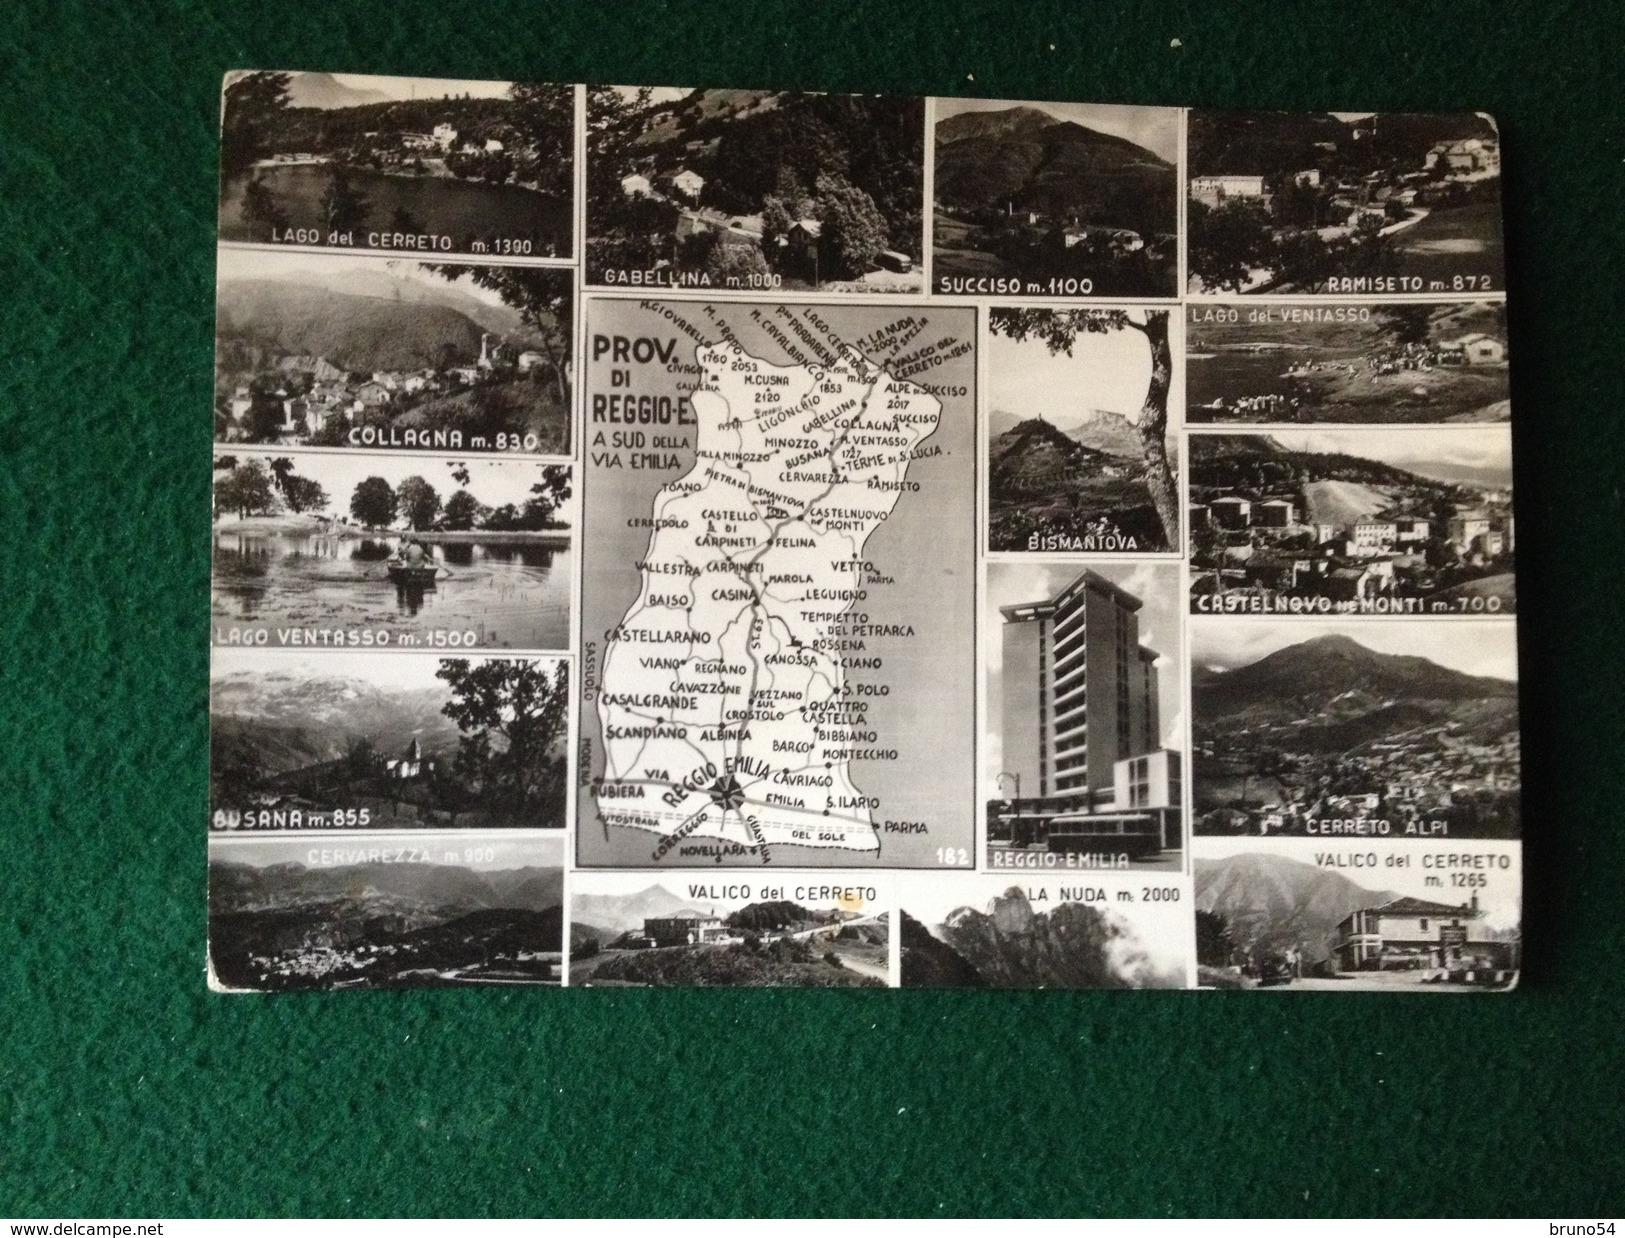 Cartolina Provincia Reggio Emilia,Collagna,Ramiseto,Succiso,Cerreto,Cabellina,Busana Etc Viaggiata 1961 - Reggio Nell'Emilia